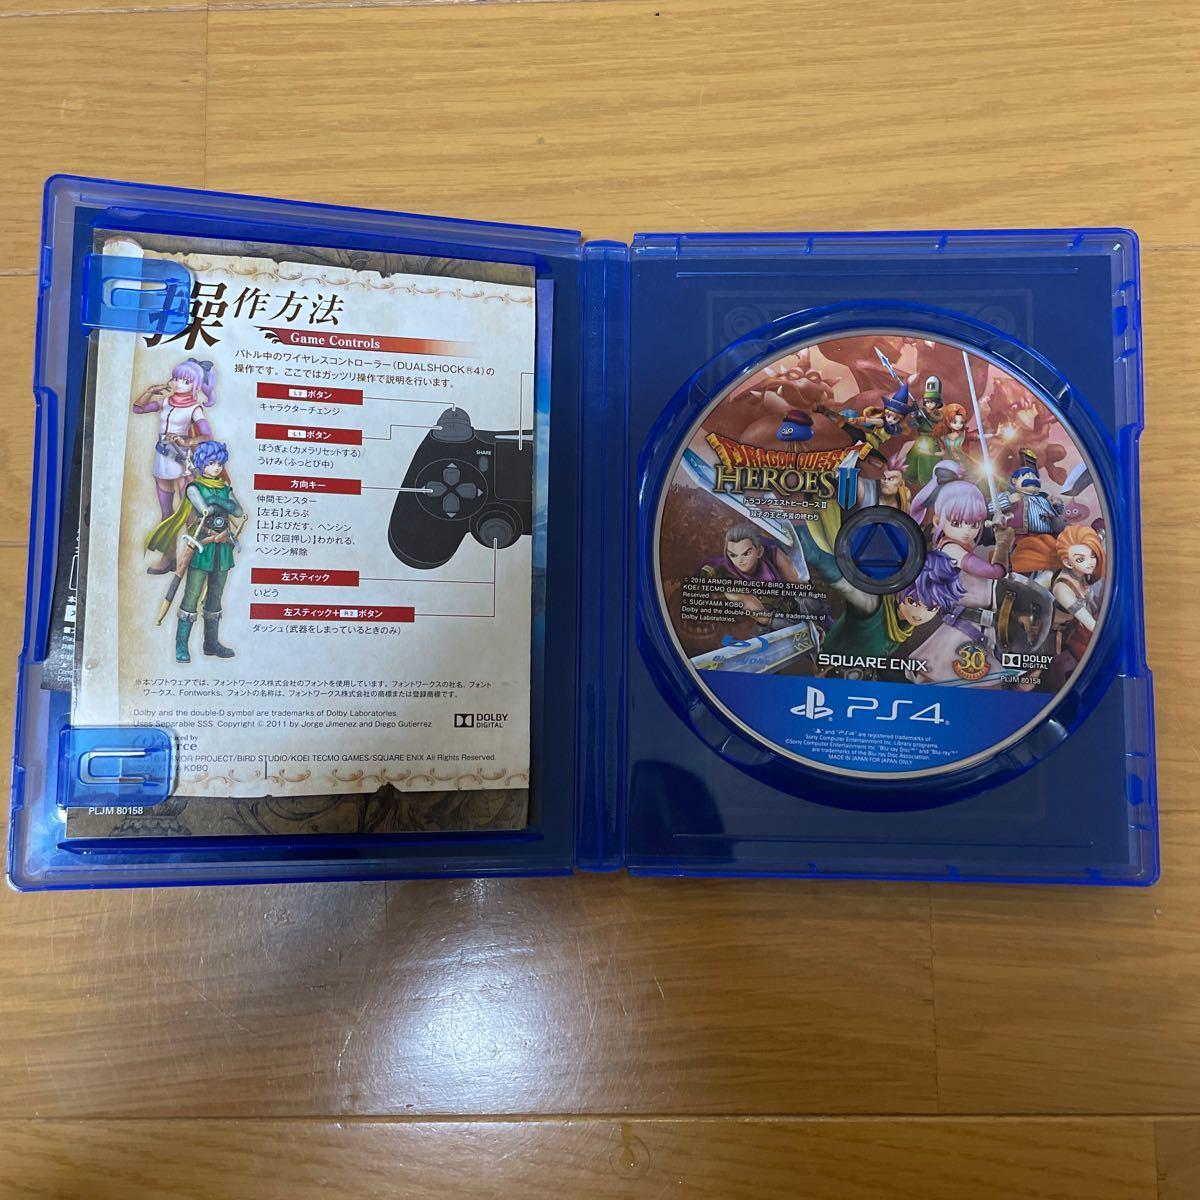 ☆チシャ様☆【PS4】 ドラゴンクエストヒーローズII 双子の王と予言の終わり